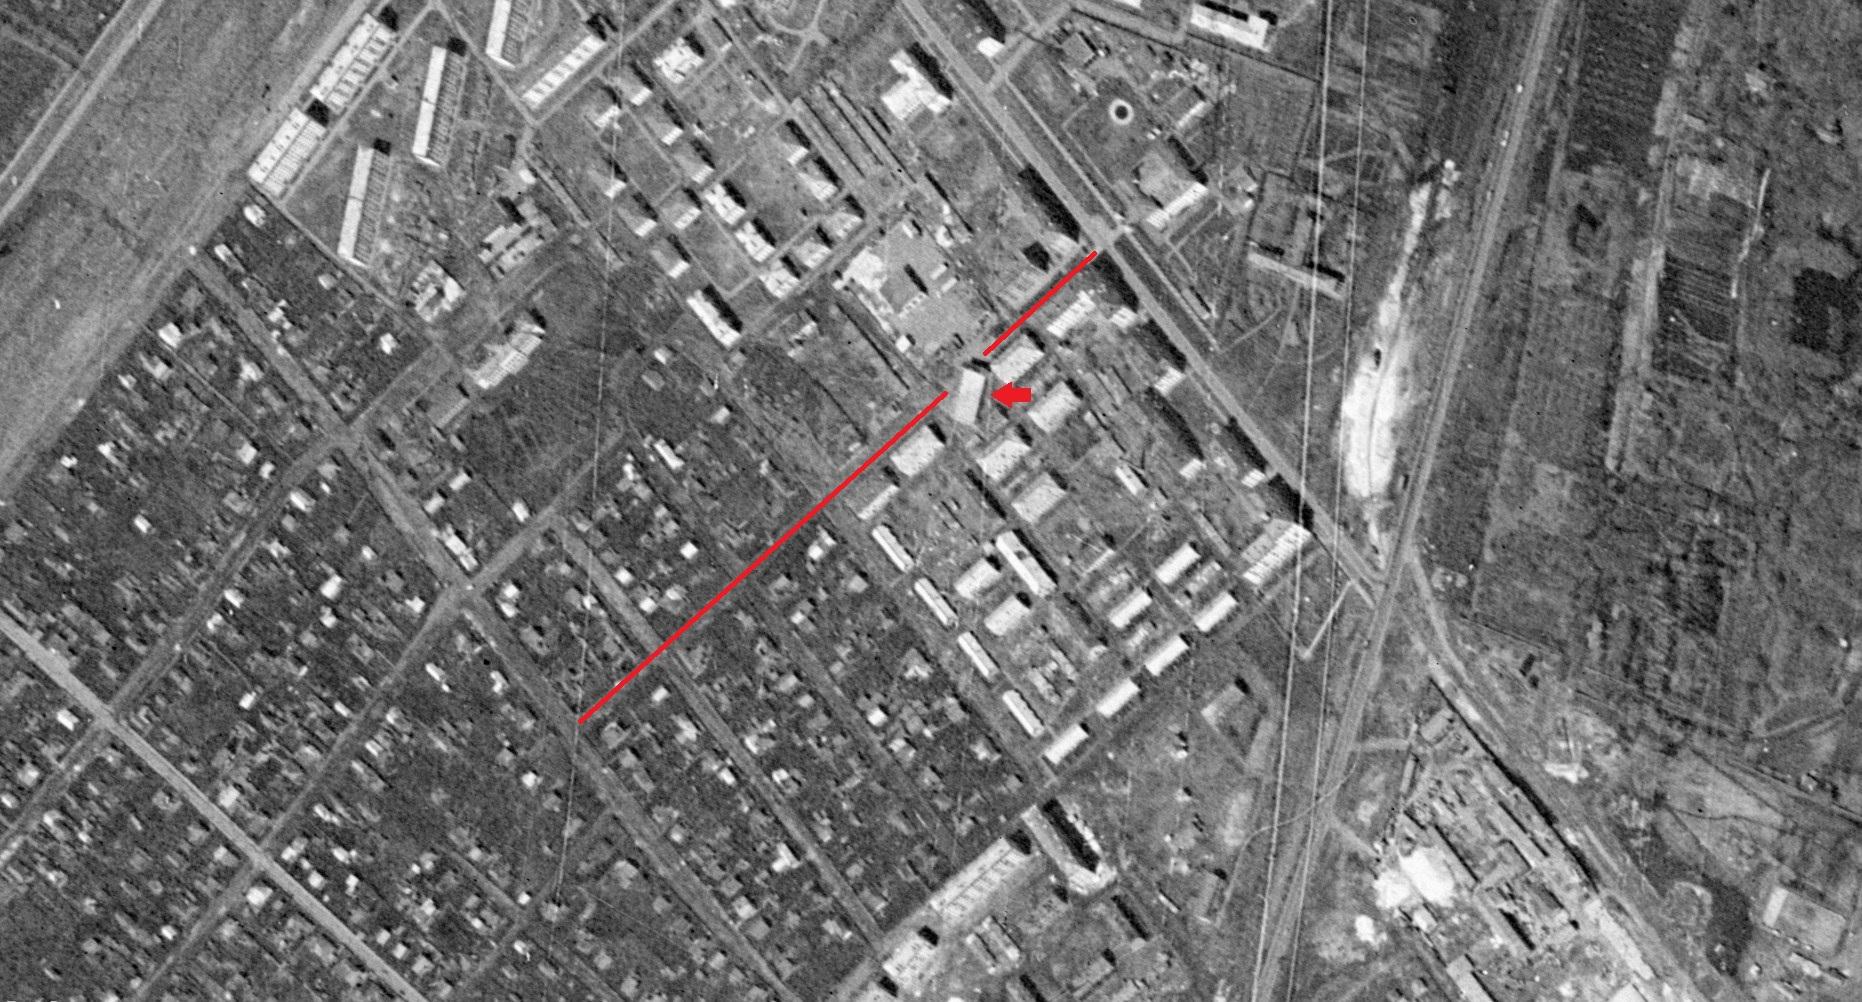 Улица Тихвинская в 1965 году